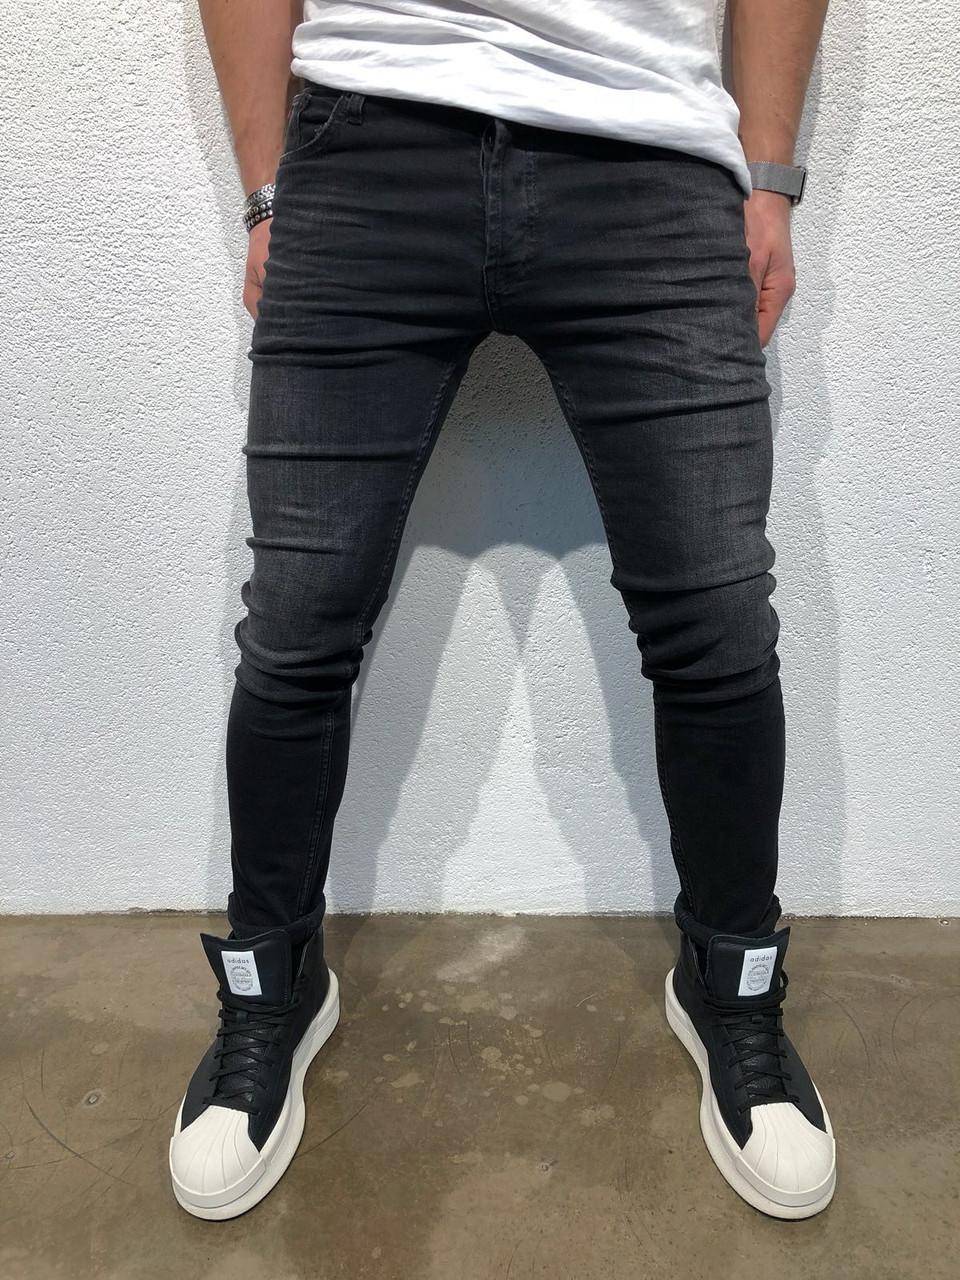 e8d68f20c2c Мужские джинсы зауженные черные с потертостями приталенные - Krossovki в  Киеве